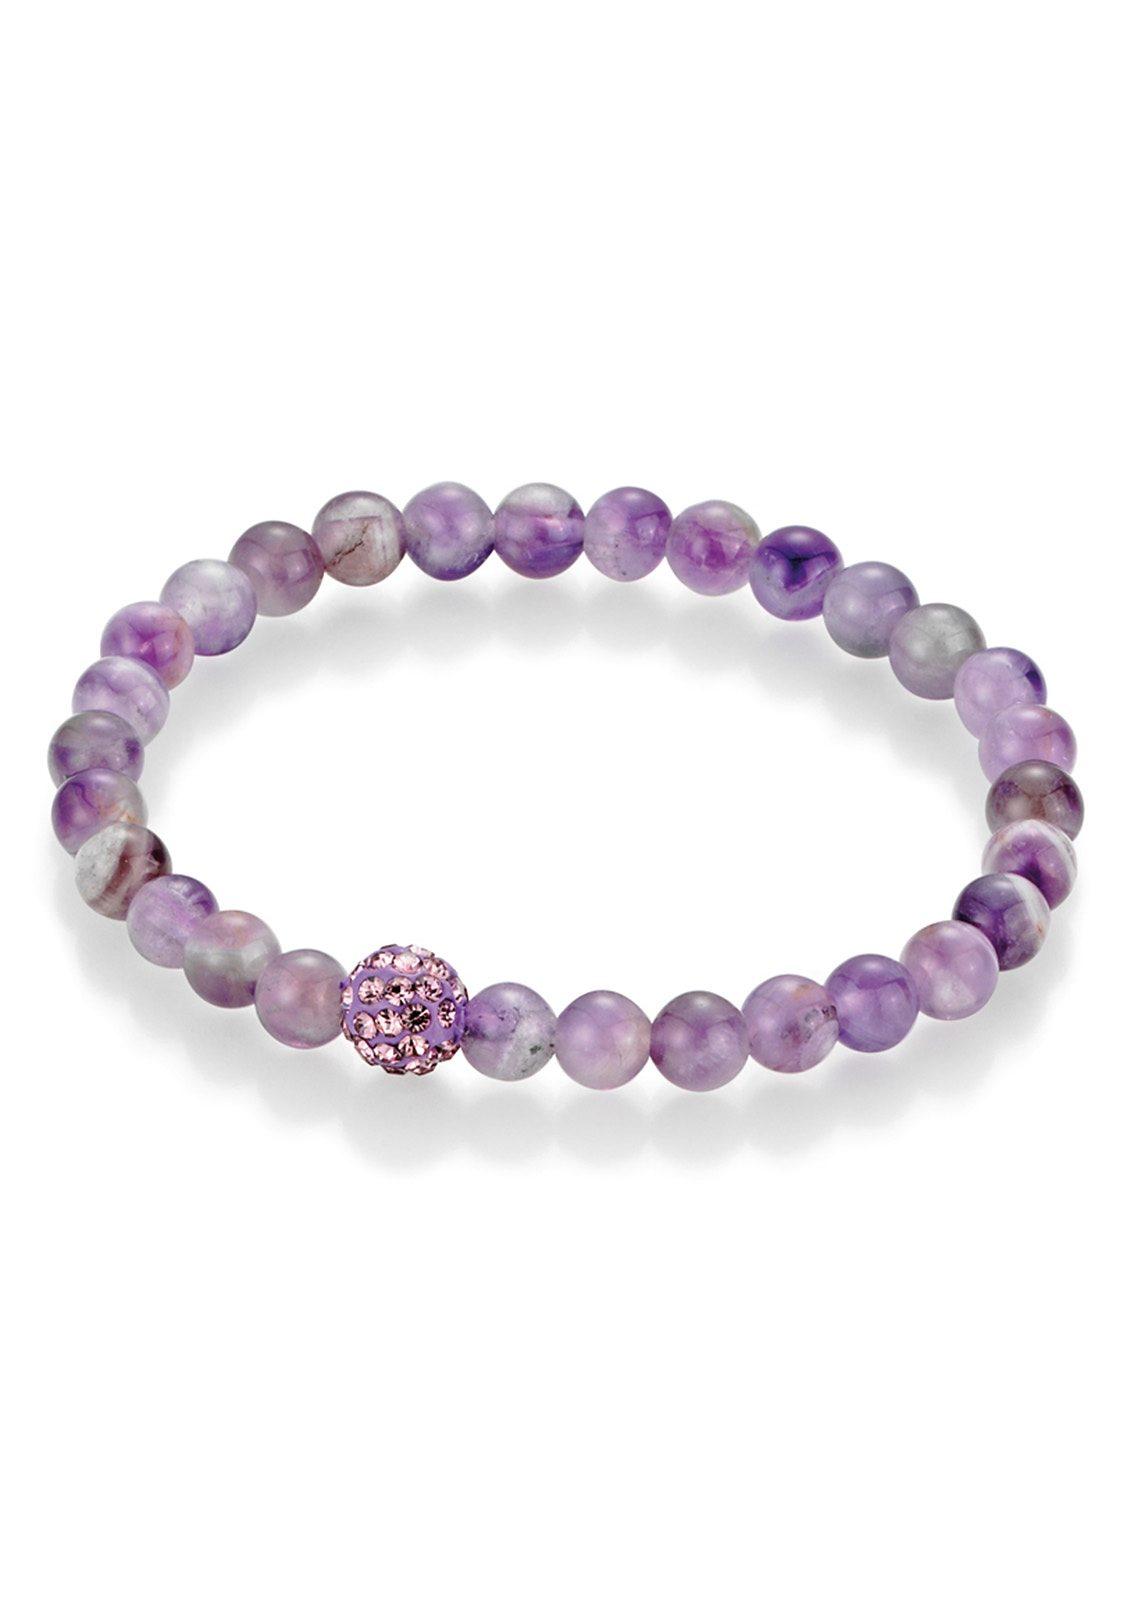 firetti Armschmuck: Armband mit Amethyst-Perlen und Kristallsteinen